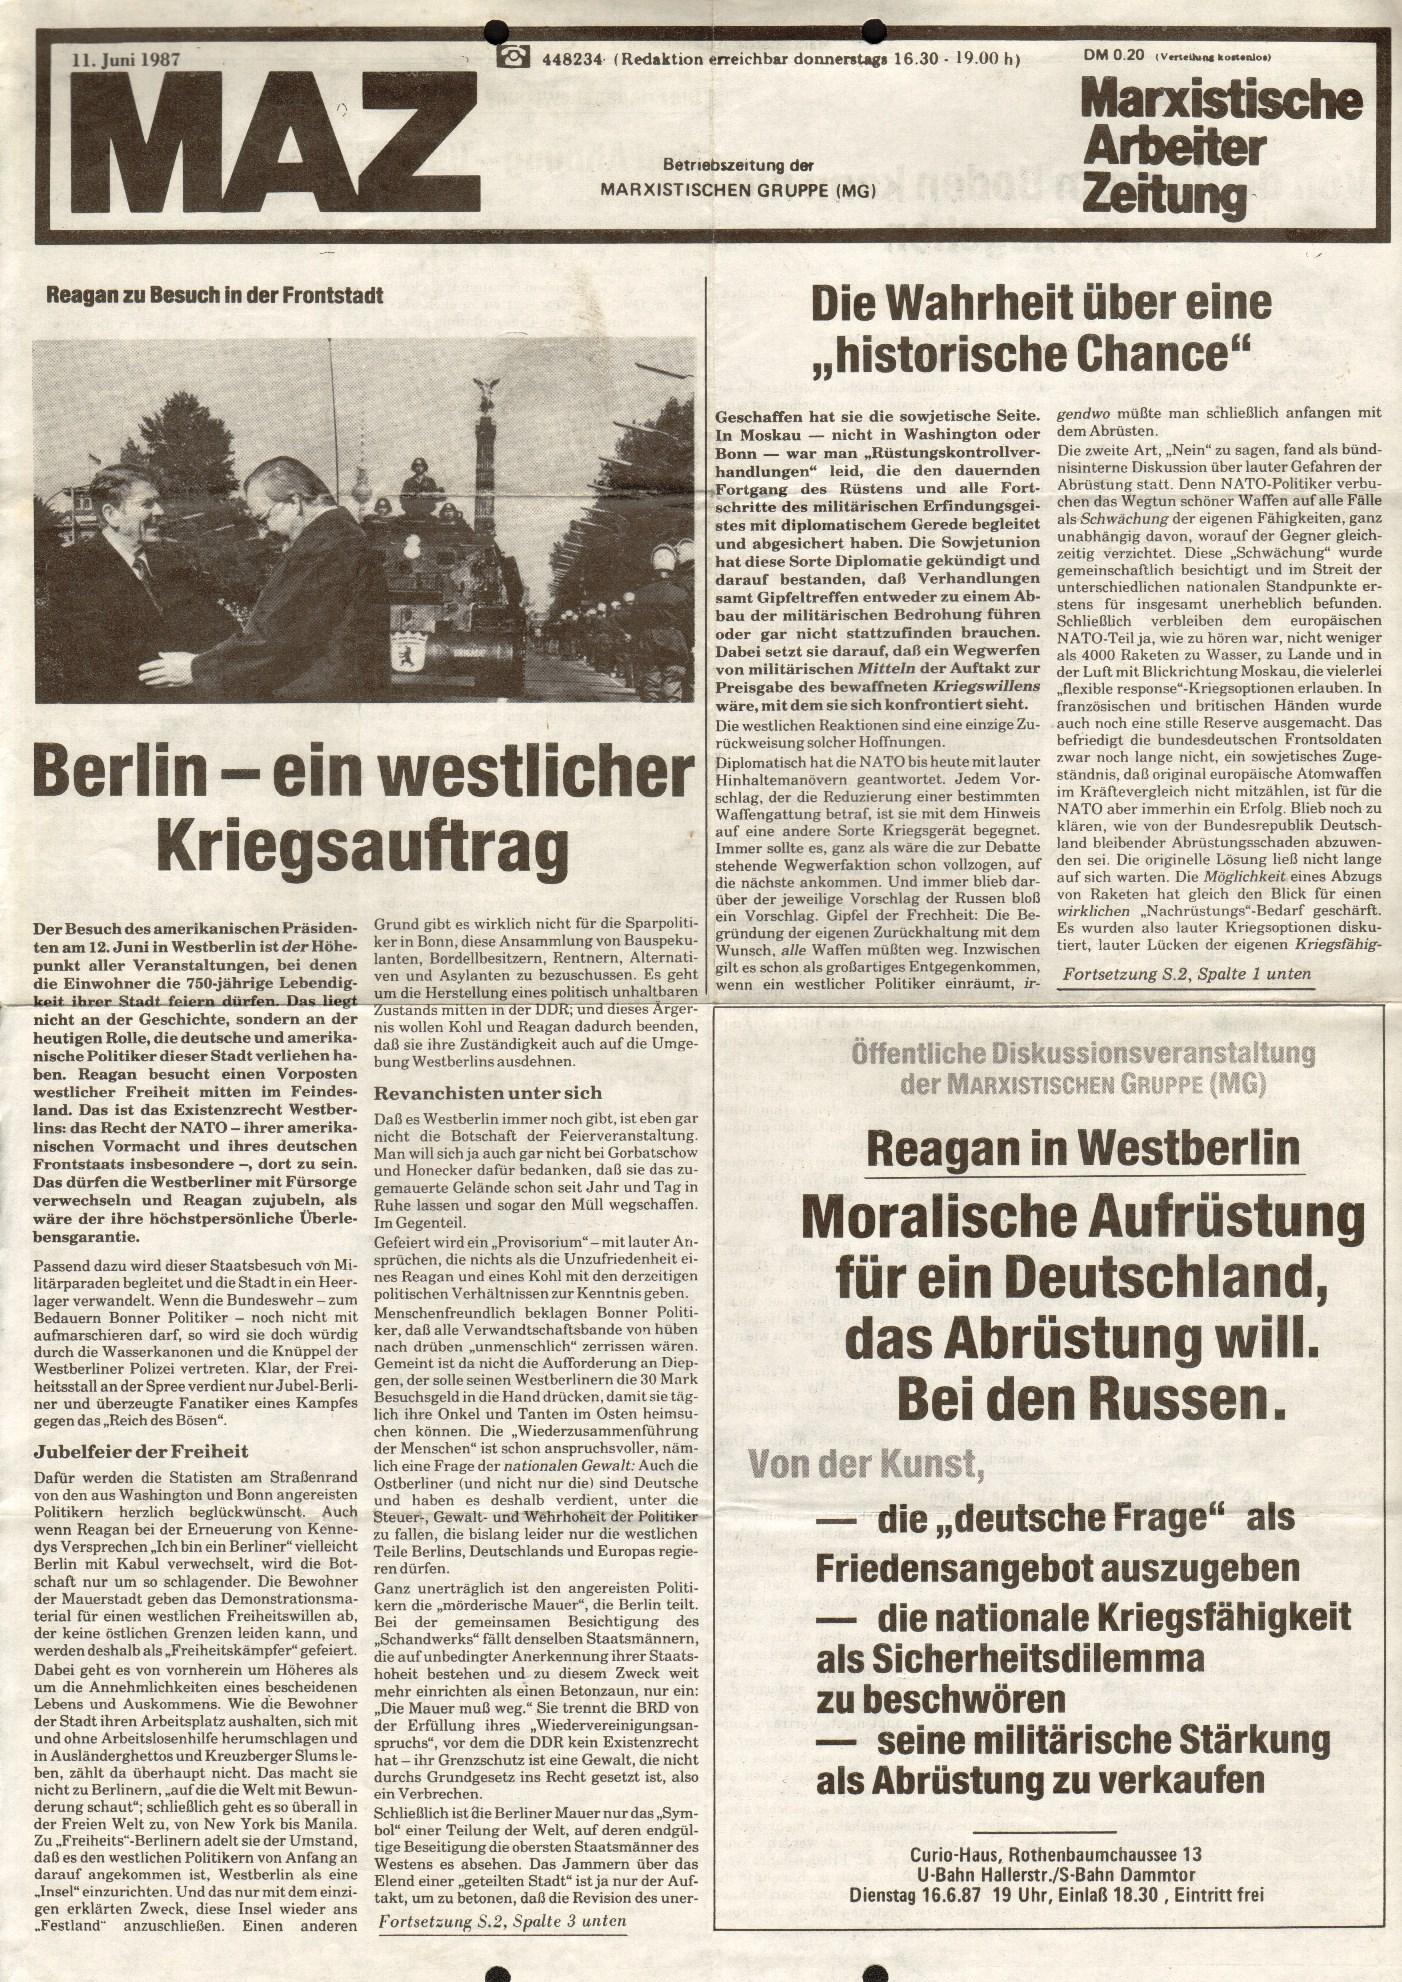 Hamburg_MG_MAZ_19870611_01